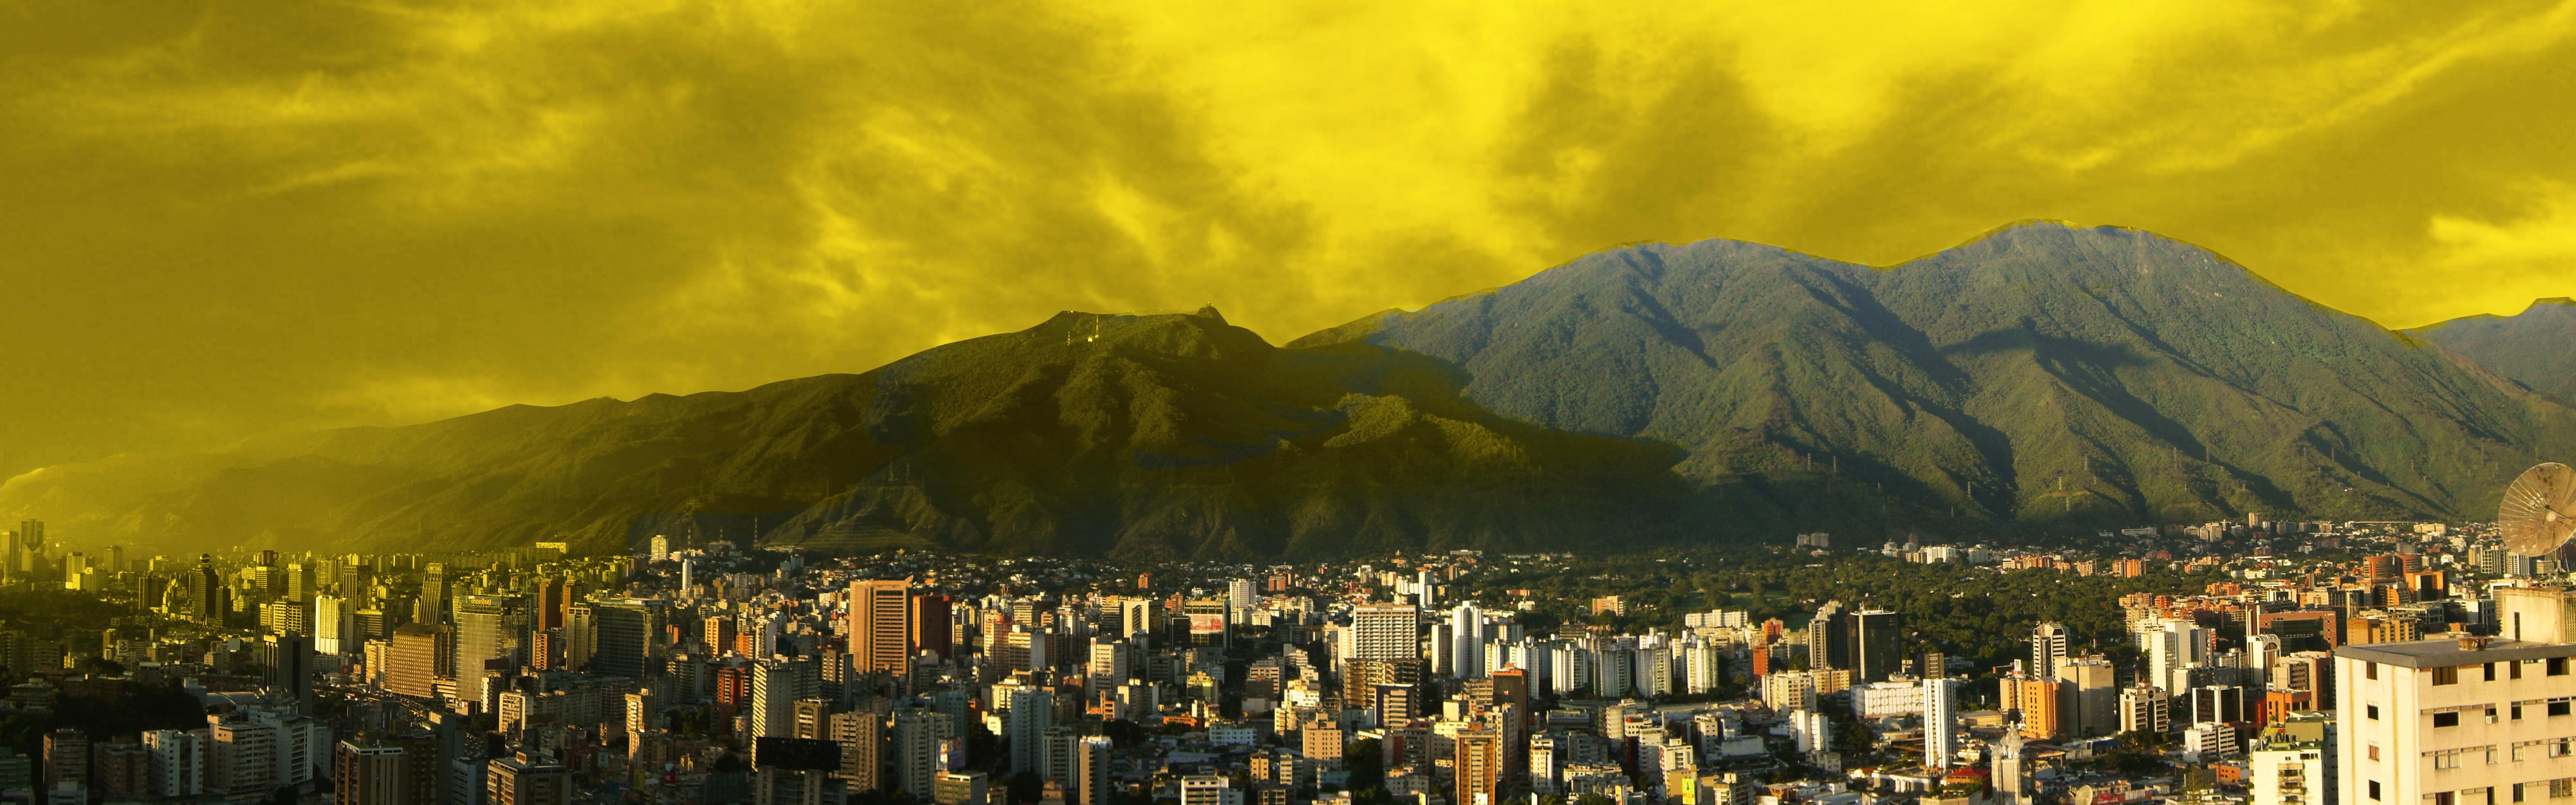 Venezuela, Cerro el Ávila